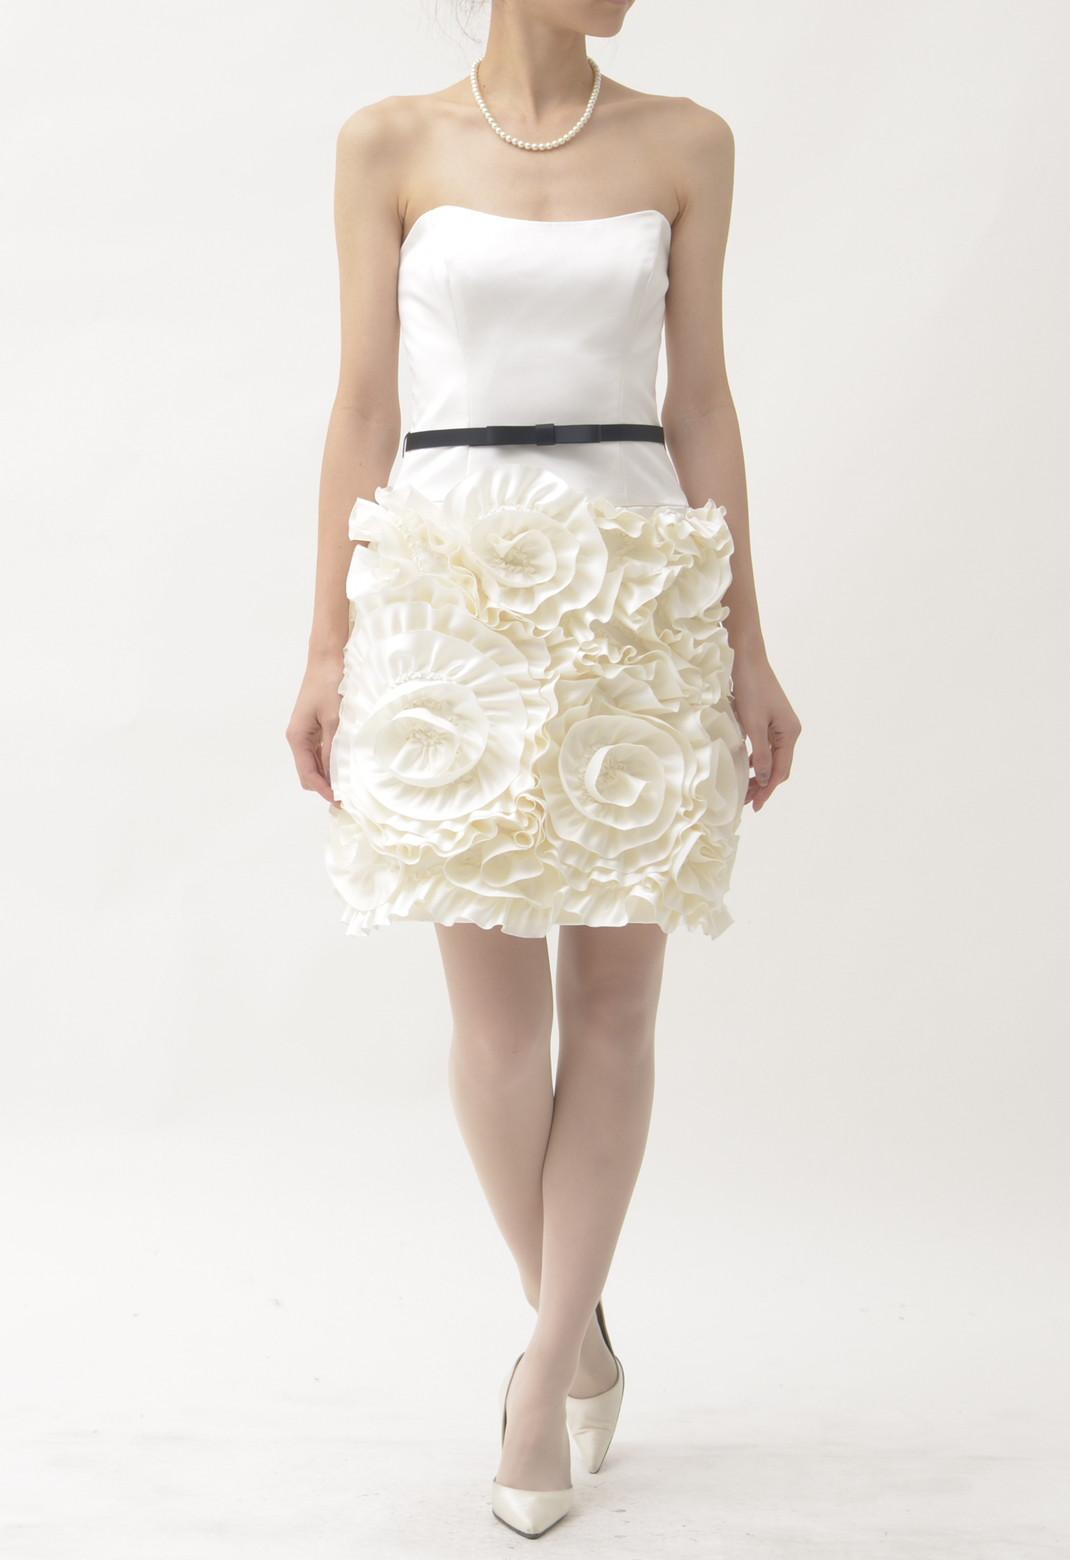 ウエスト切替 立体フラワーモチーフスカート ベアトップドレス